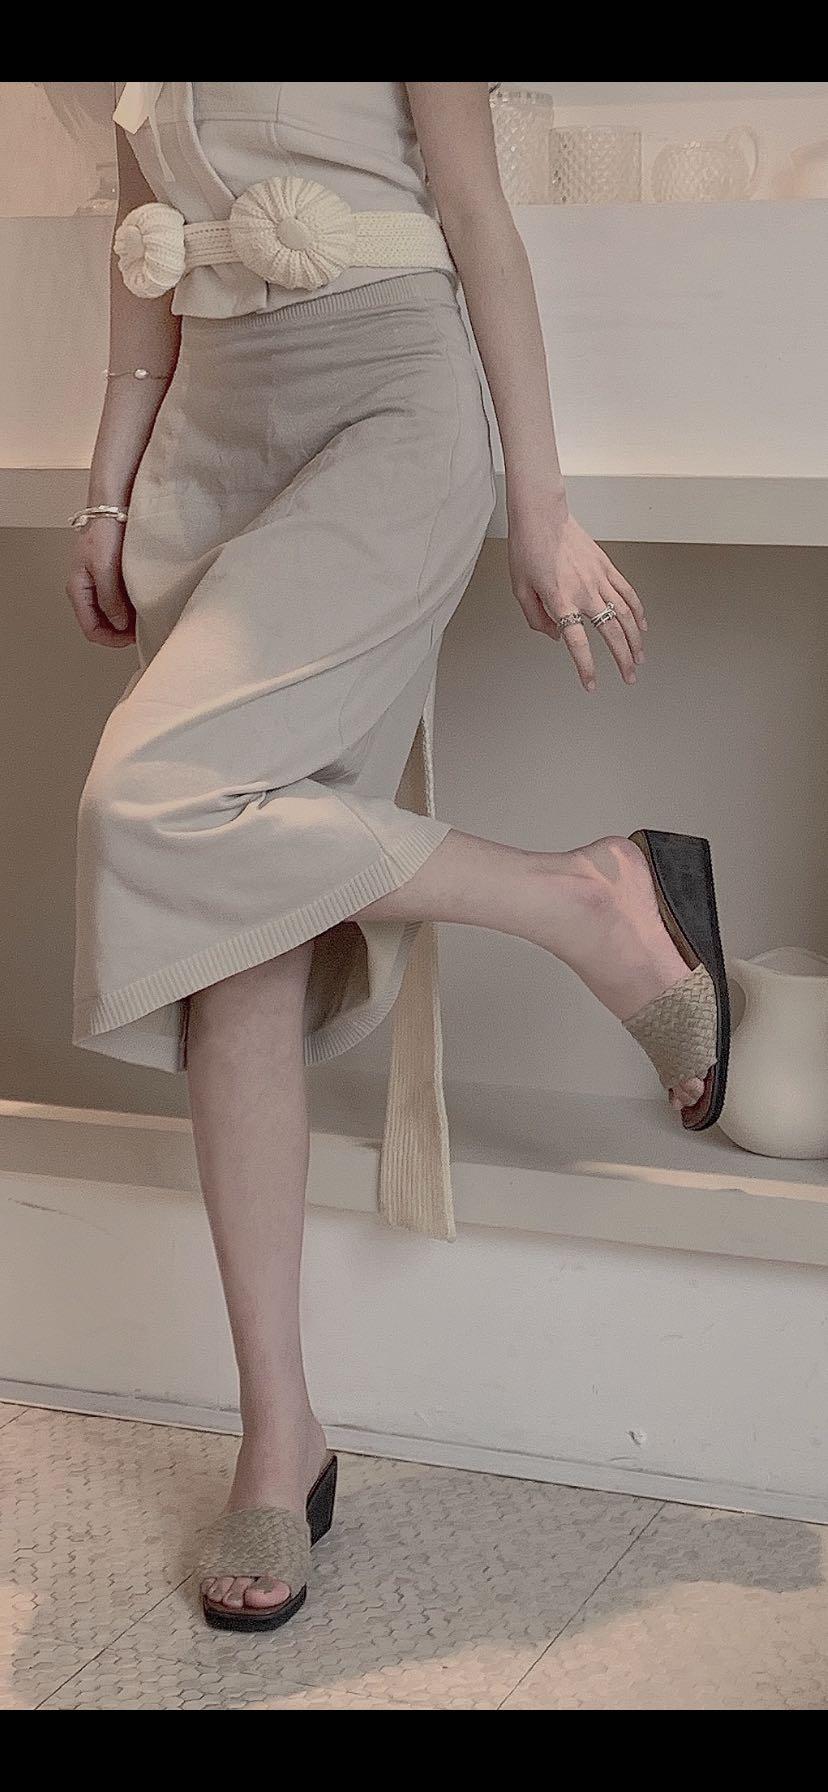 复古厚底鞋 baroccoshoes复古编织夏季一字带坡跟厚底女外穿拖鞋泡沫鞋底拖鞋_推荐淘宝好看的女复古厚底鞋